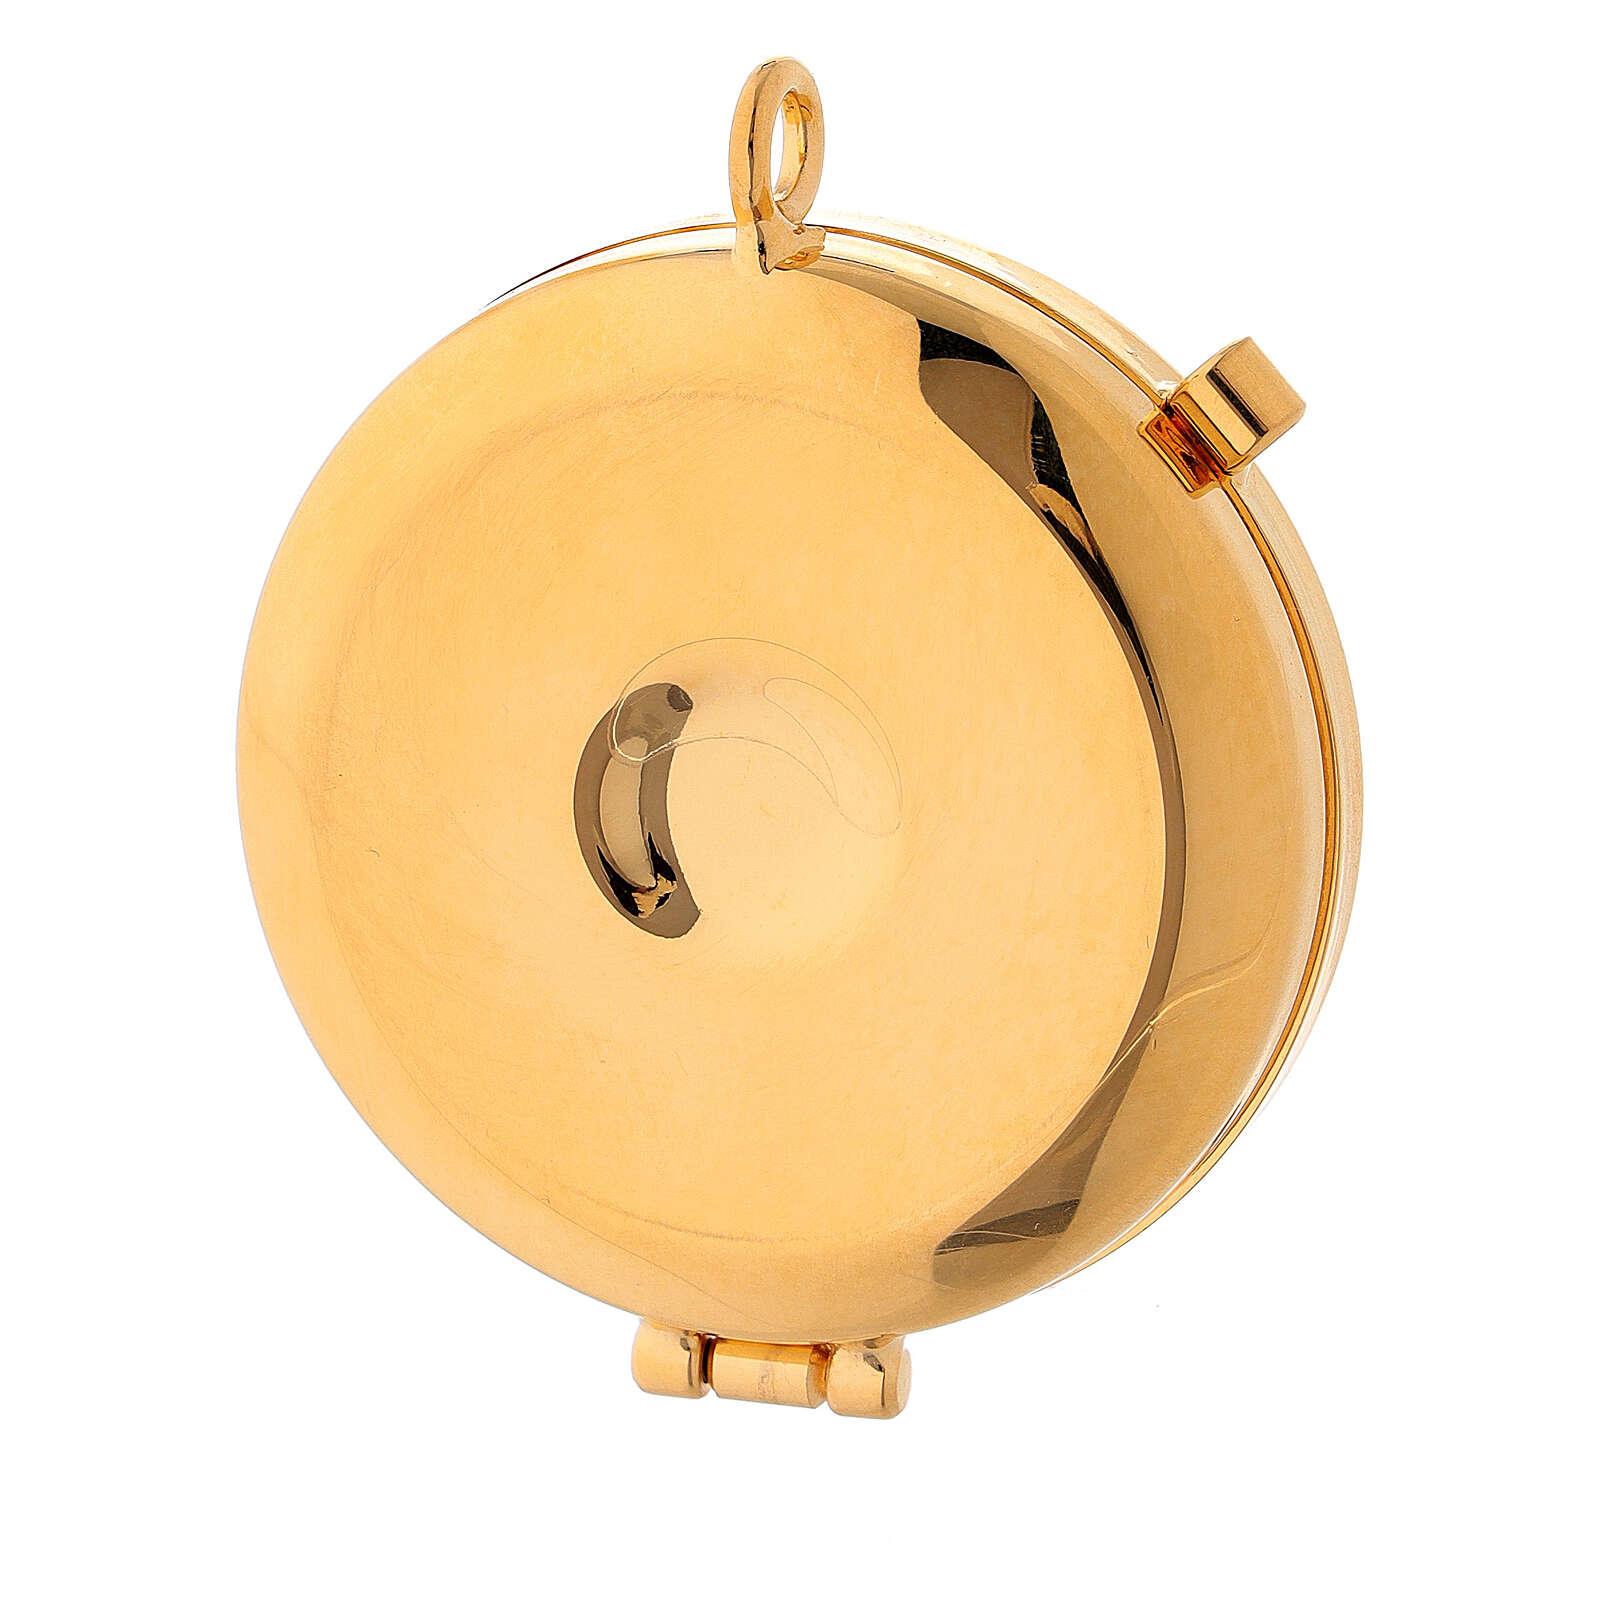 Bolsa dorada de tejido brocado con bordados 10,5x9,5 3